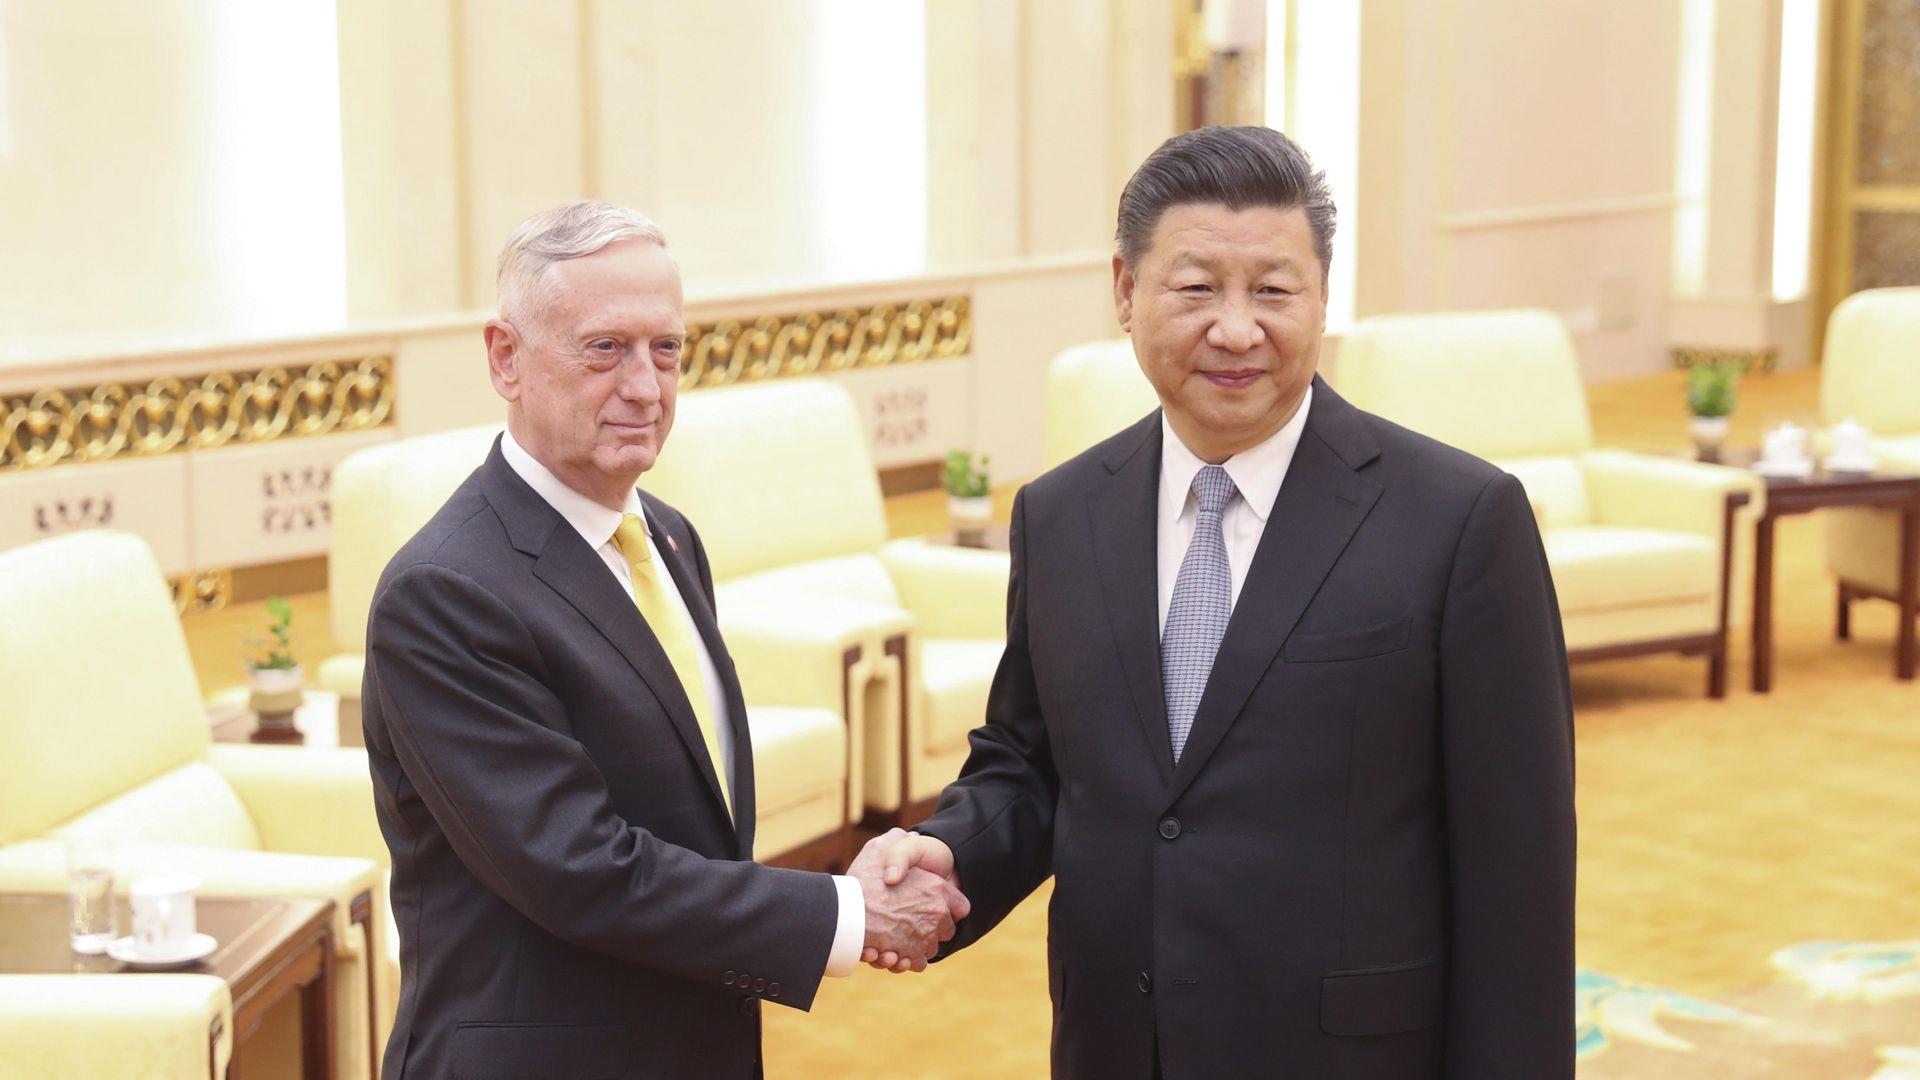 Mattis and Xi shake hands